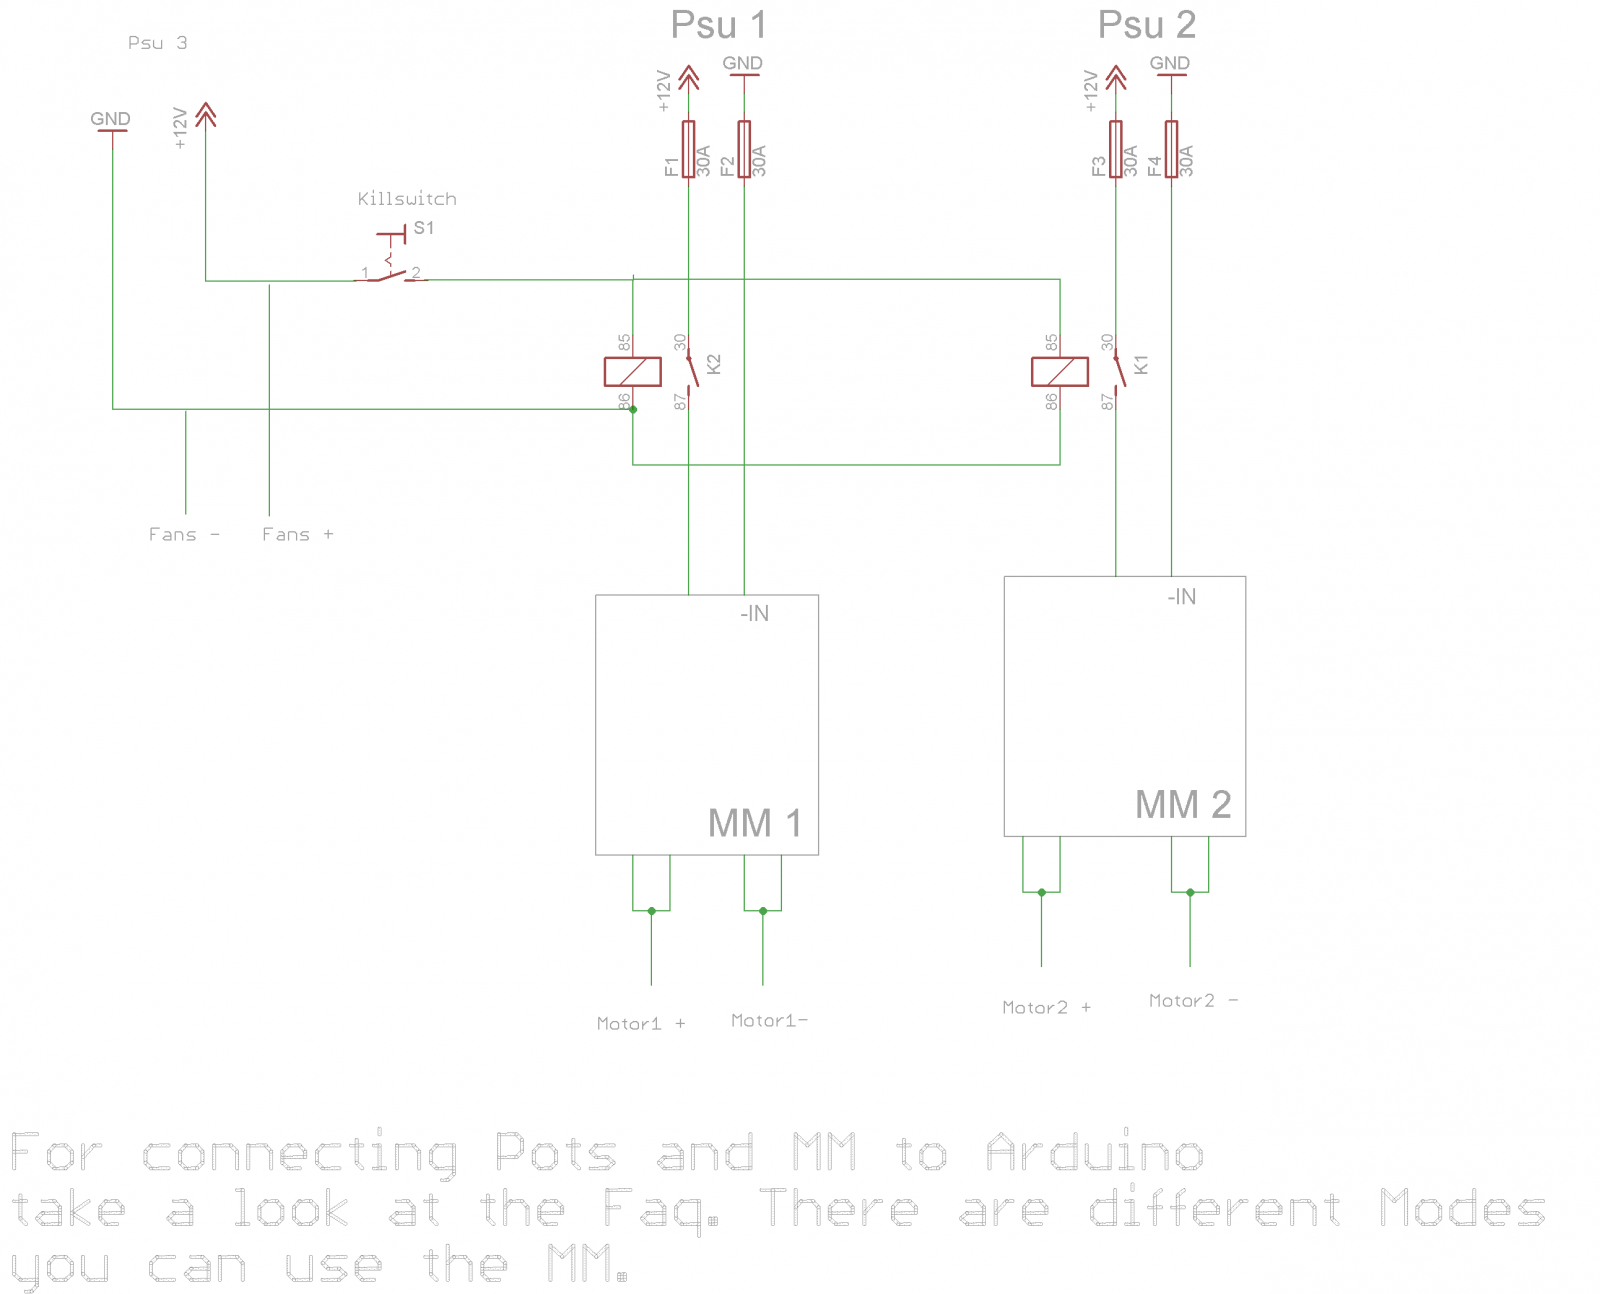 Ungewöhnlich S10 Nebelscheinwerfer Schaltplan Bilder - Elektrische ...